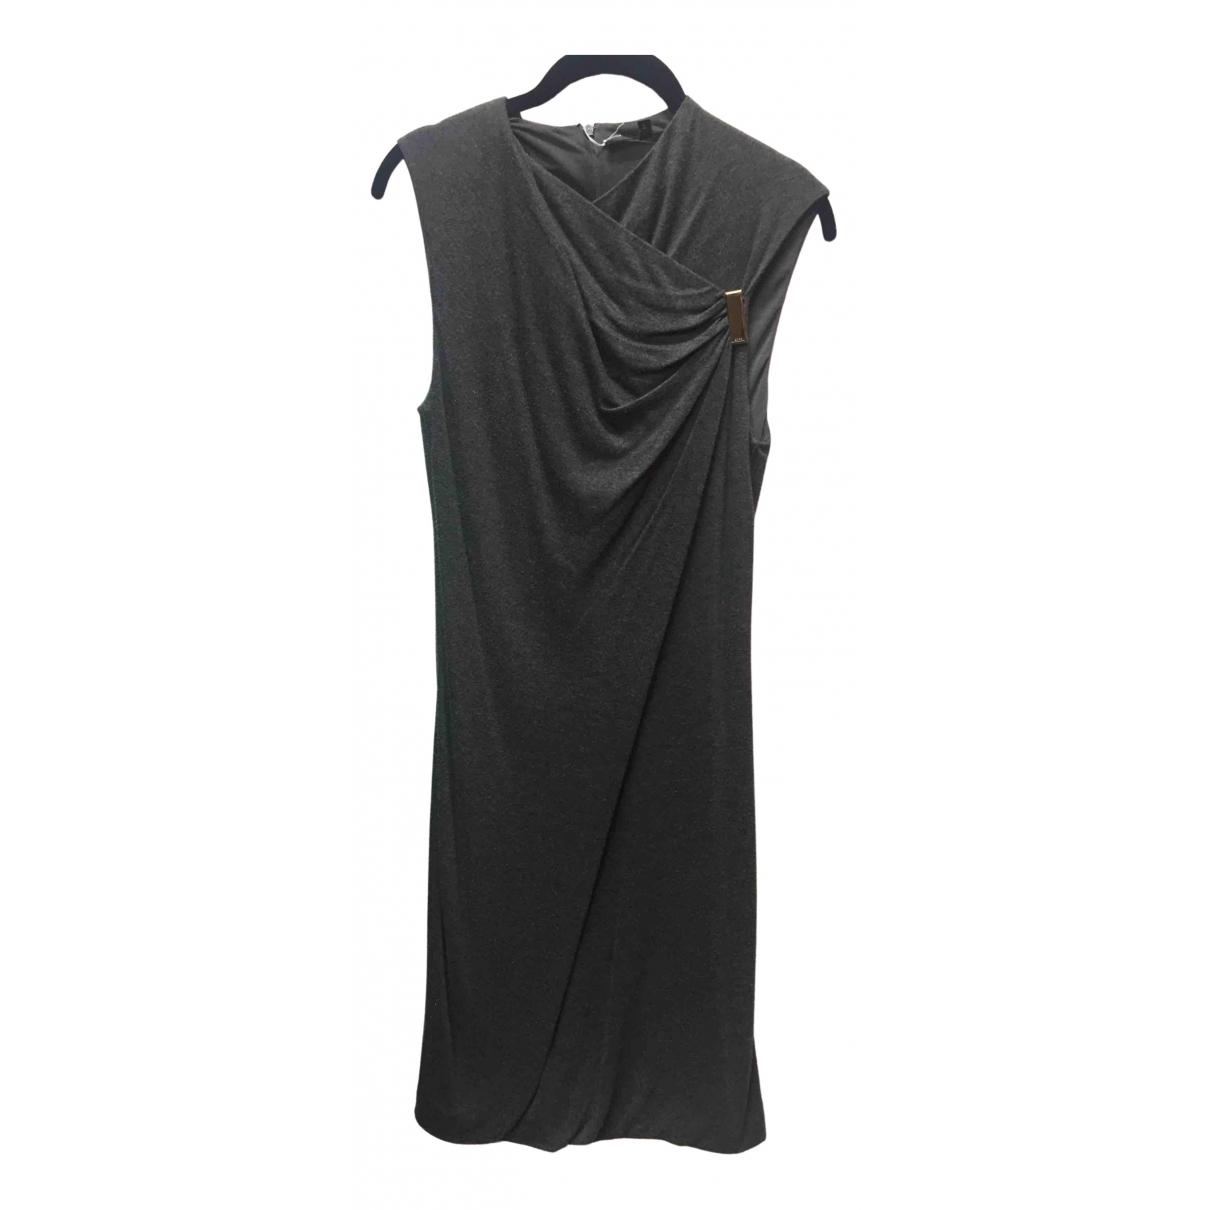 Gucci \N Kleid in  Grau Viskose